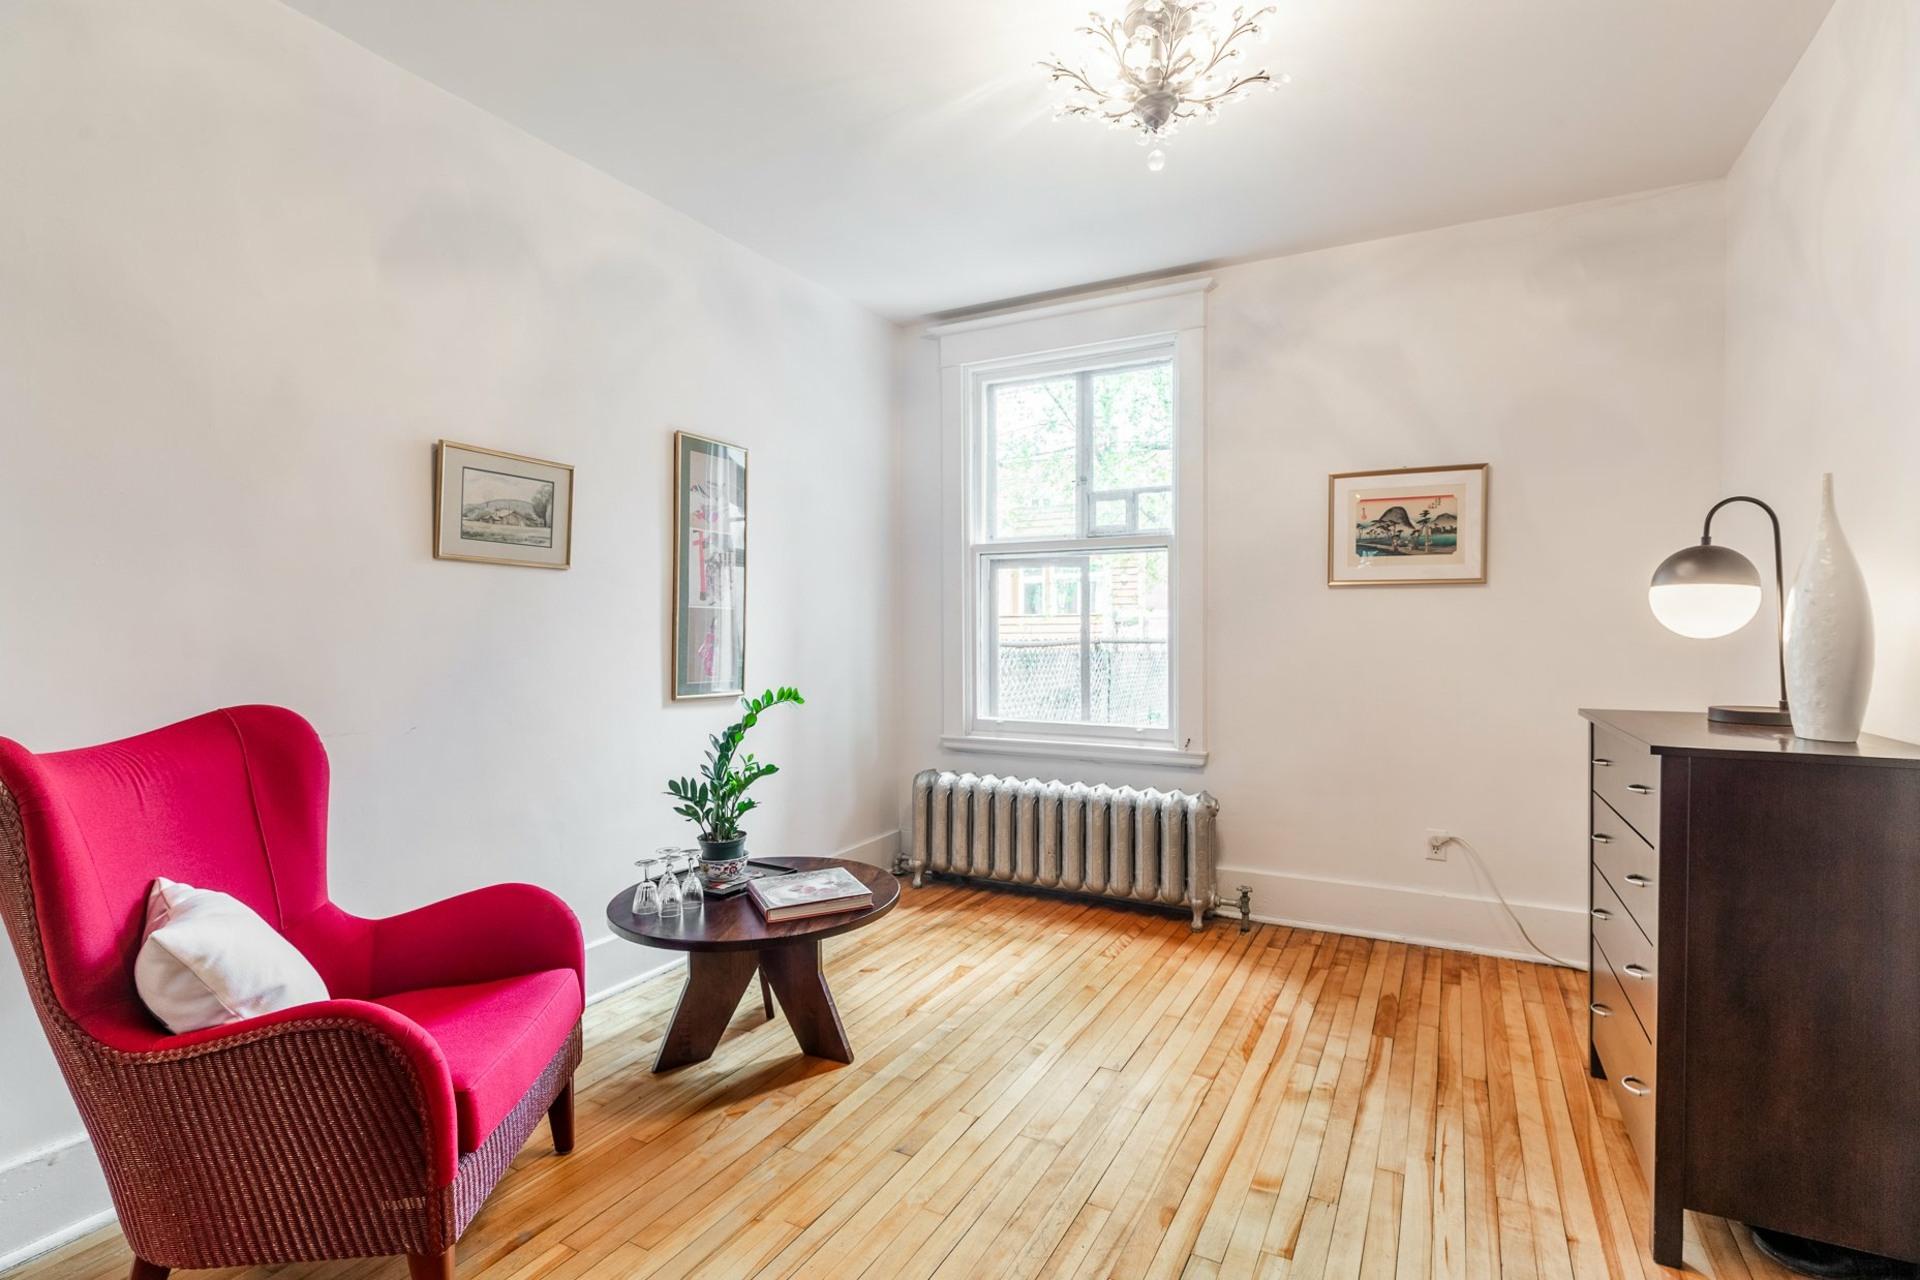 image 11 - Appartement À vendre Le Plateau-Mont-Royal Montréal  - 6 pièces